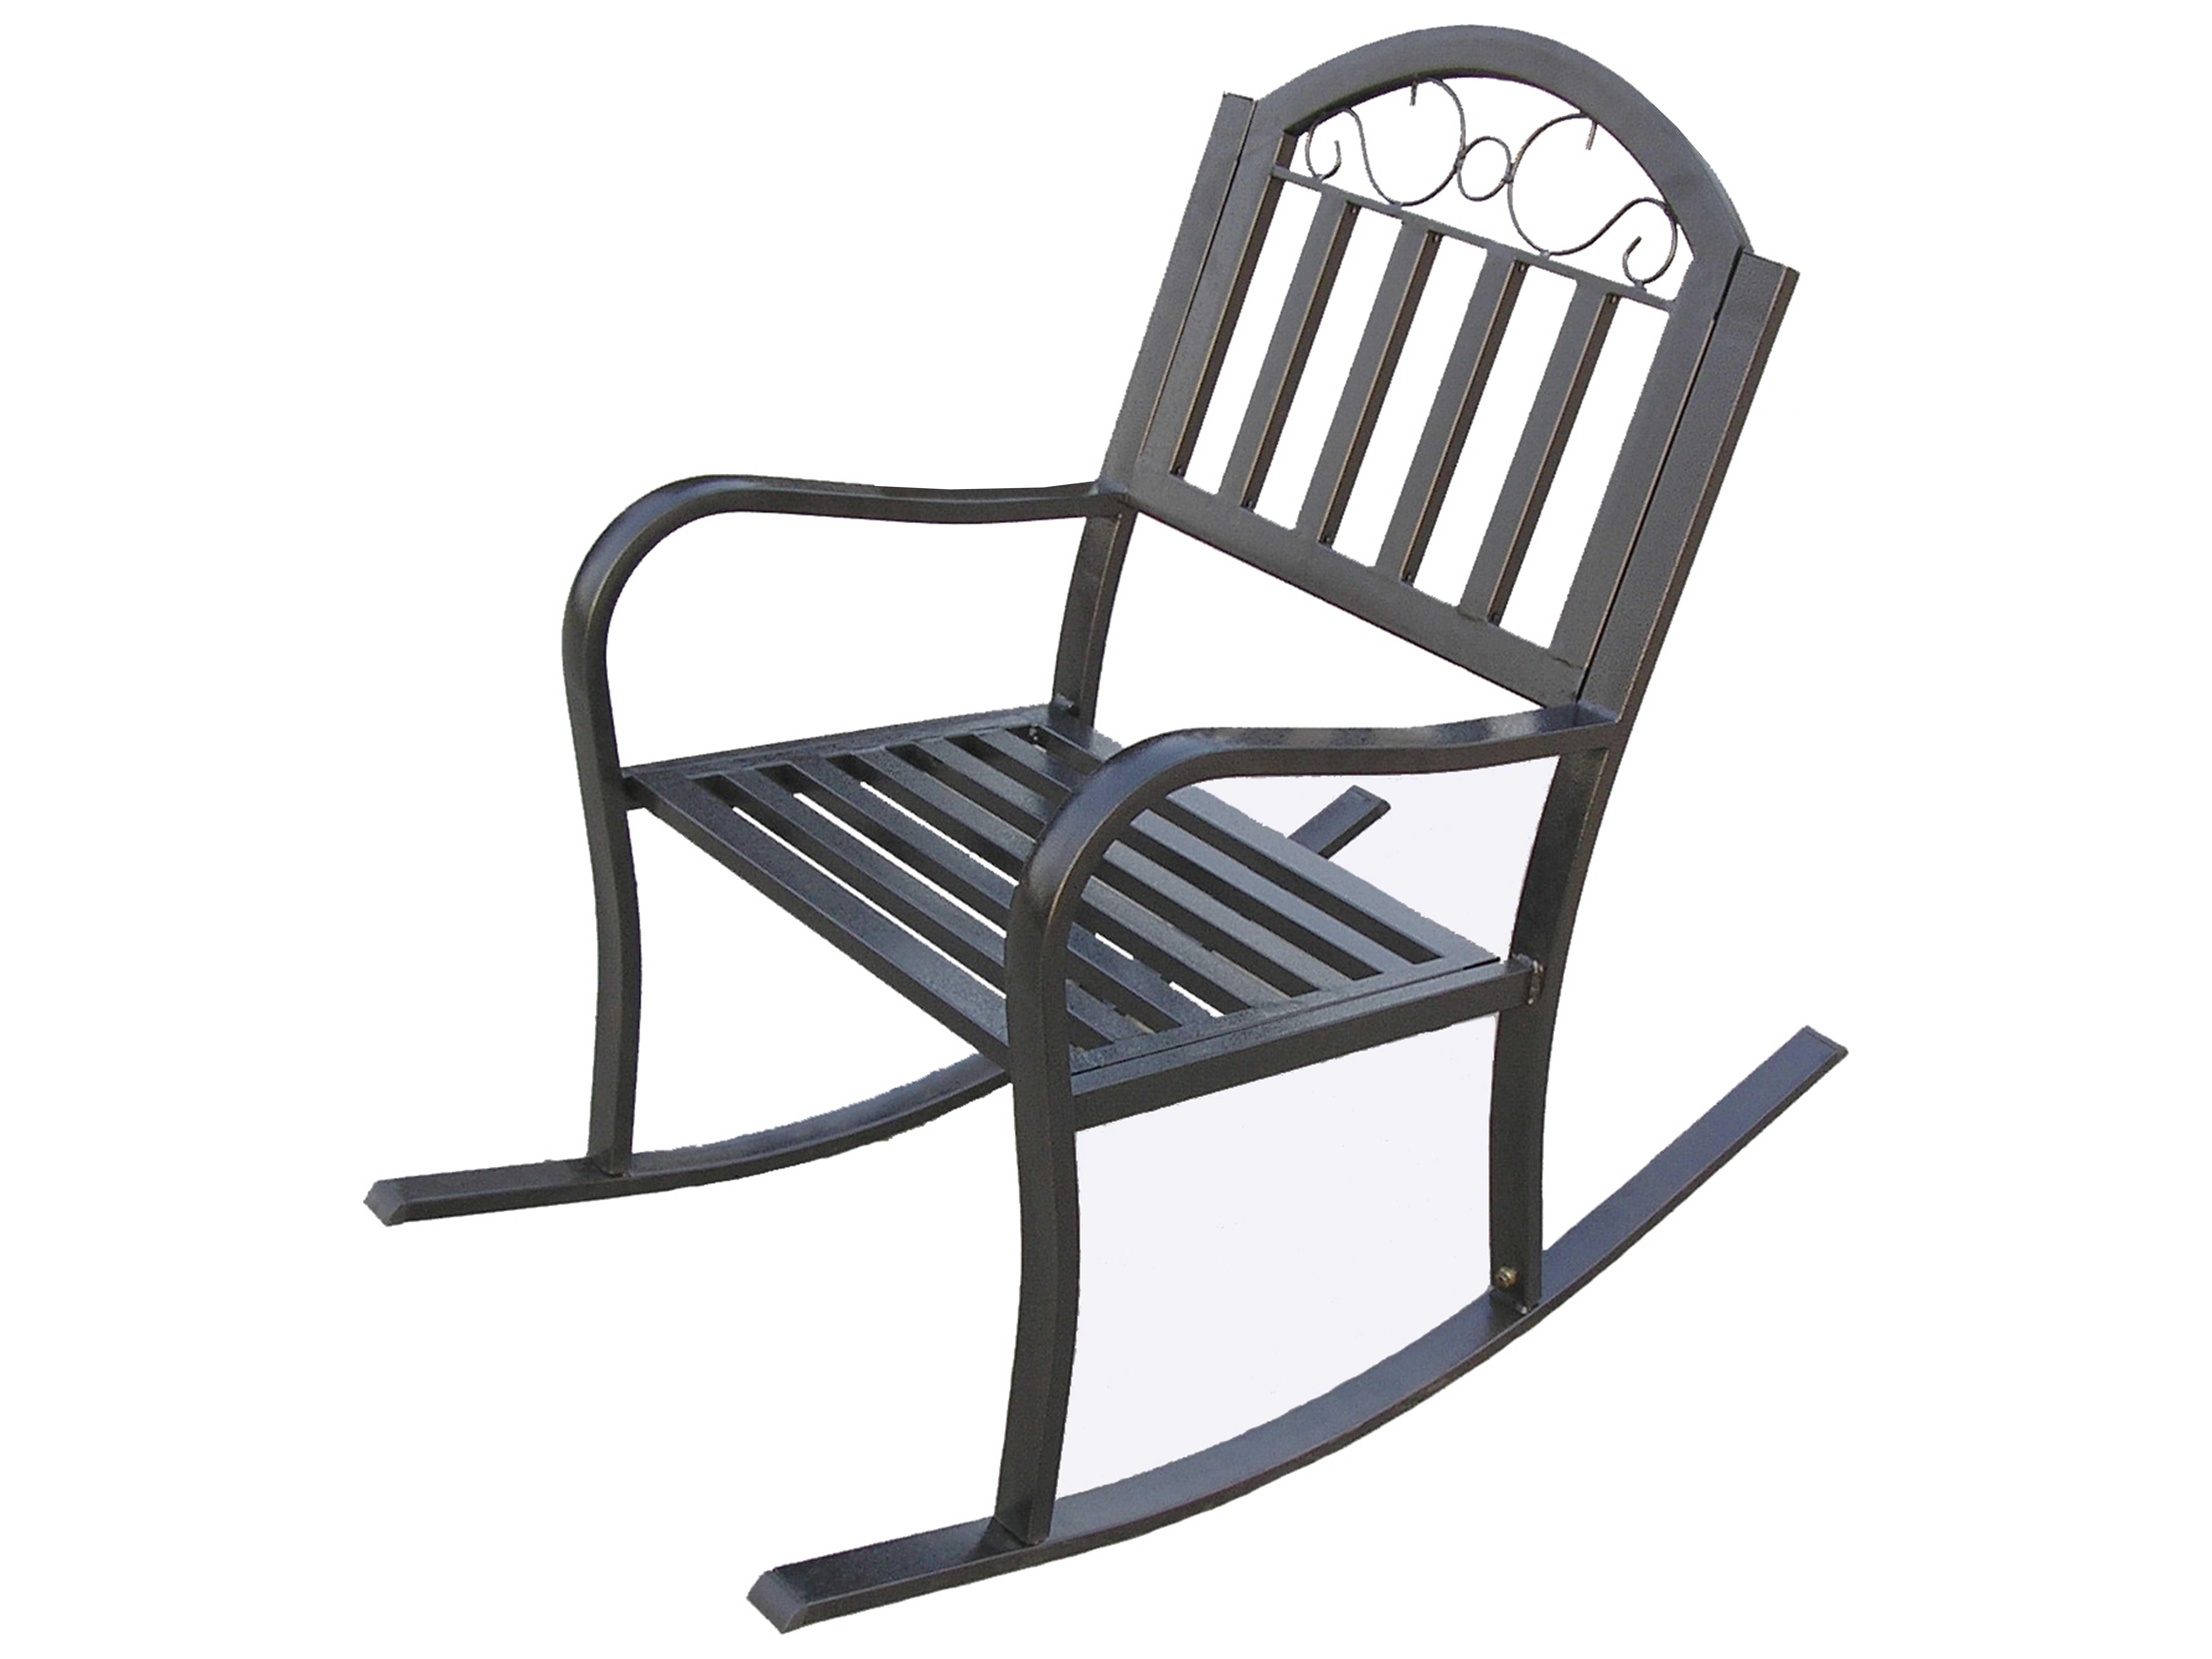 Oakland Living Rochester Wrought Iron Rocker Chair 6124 Hb